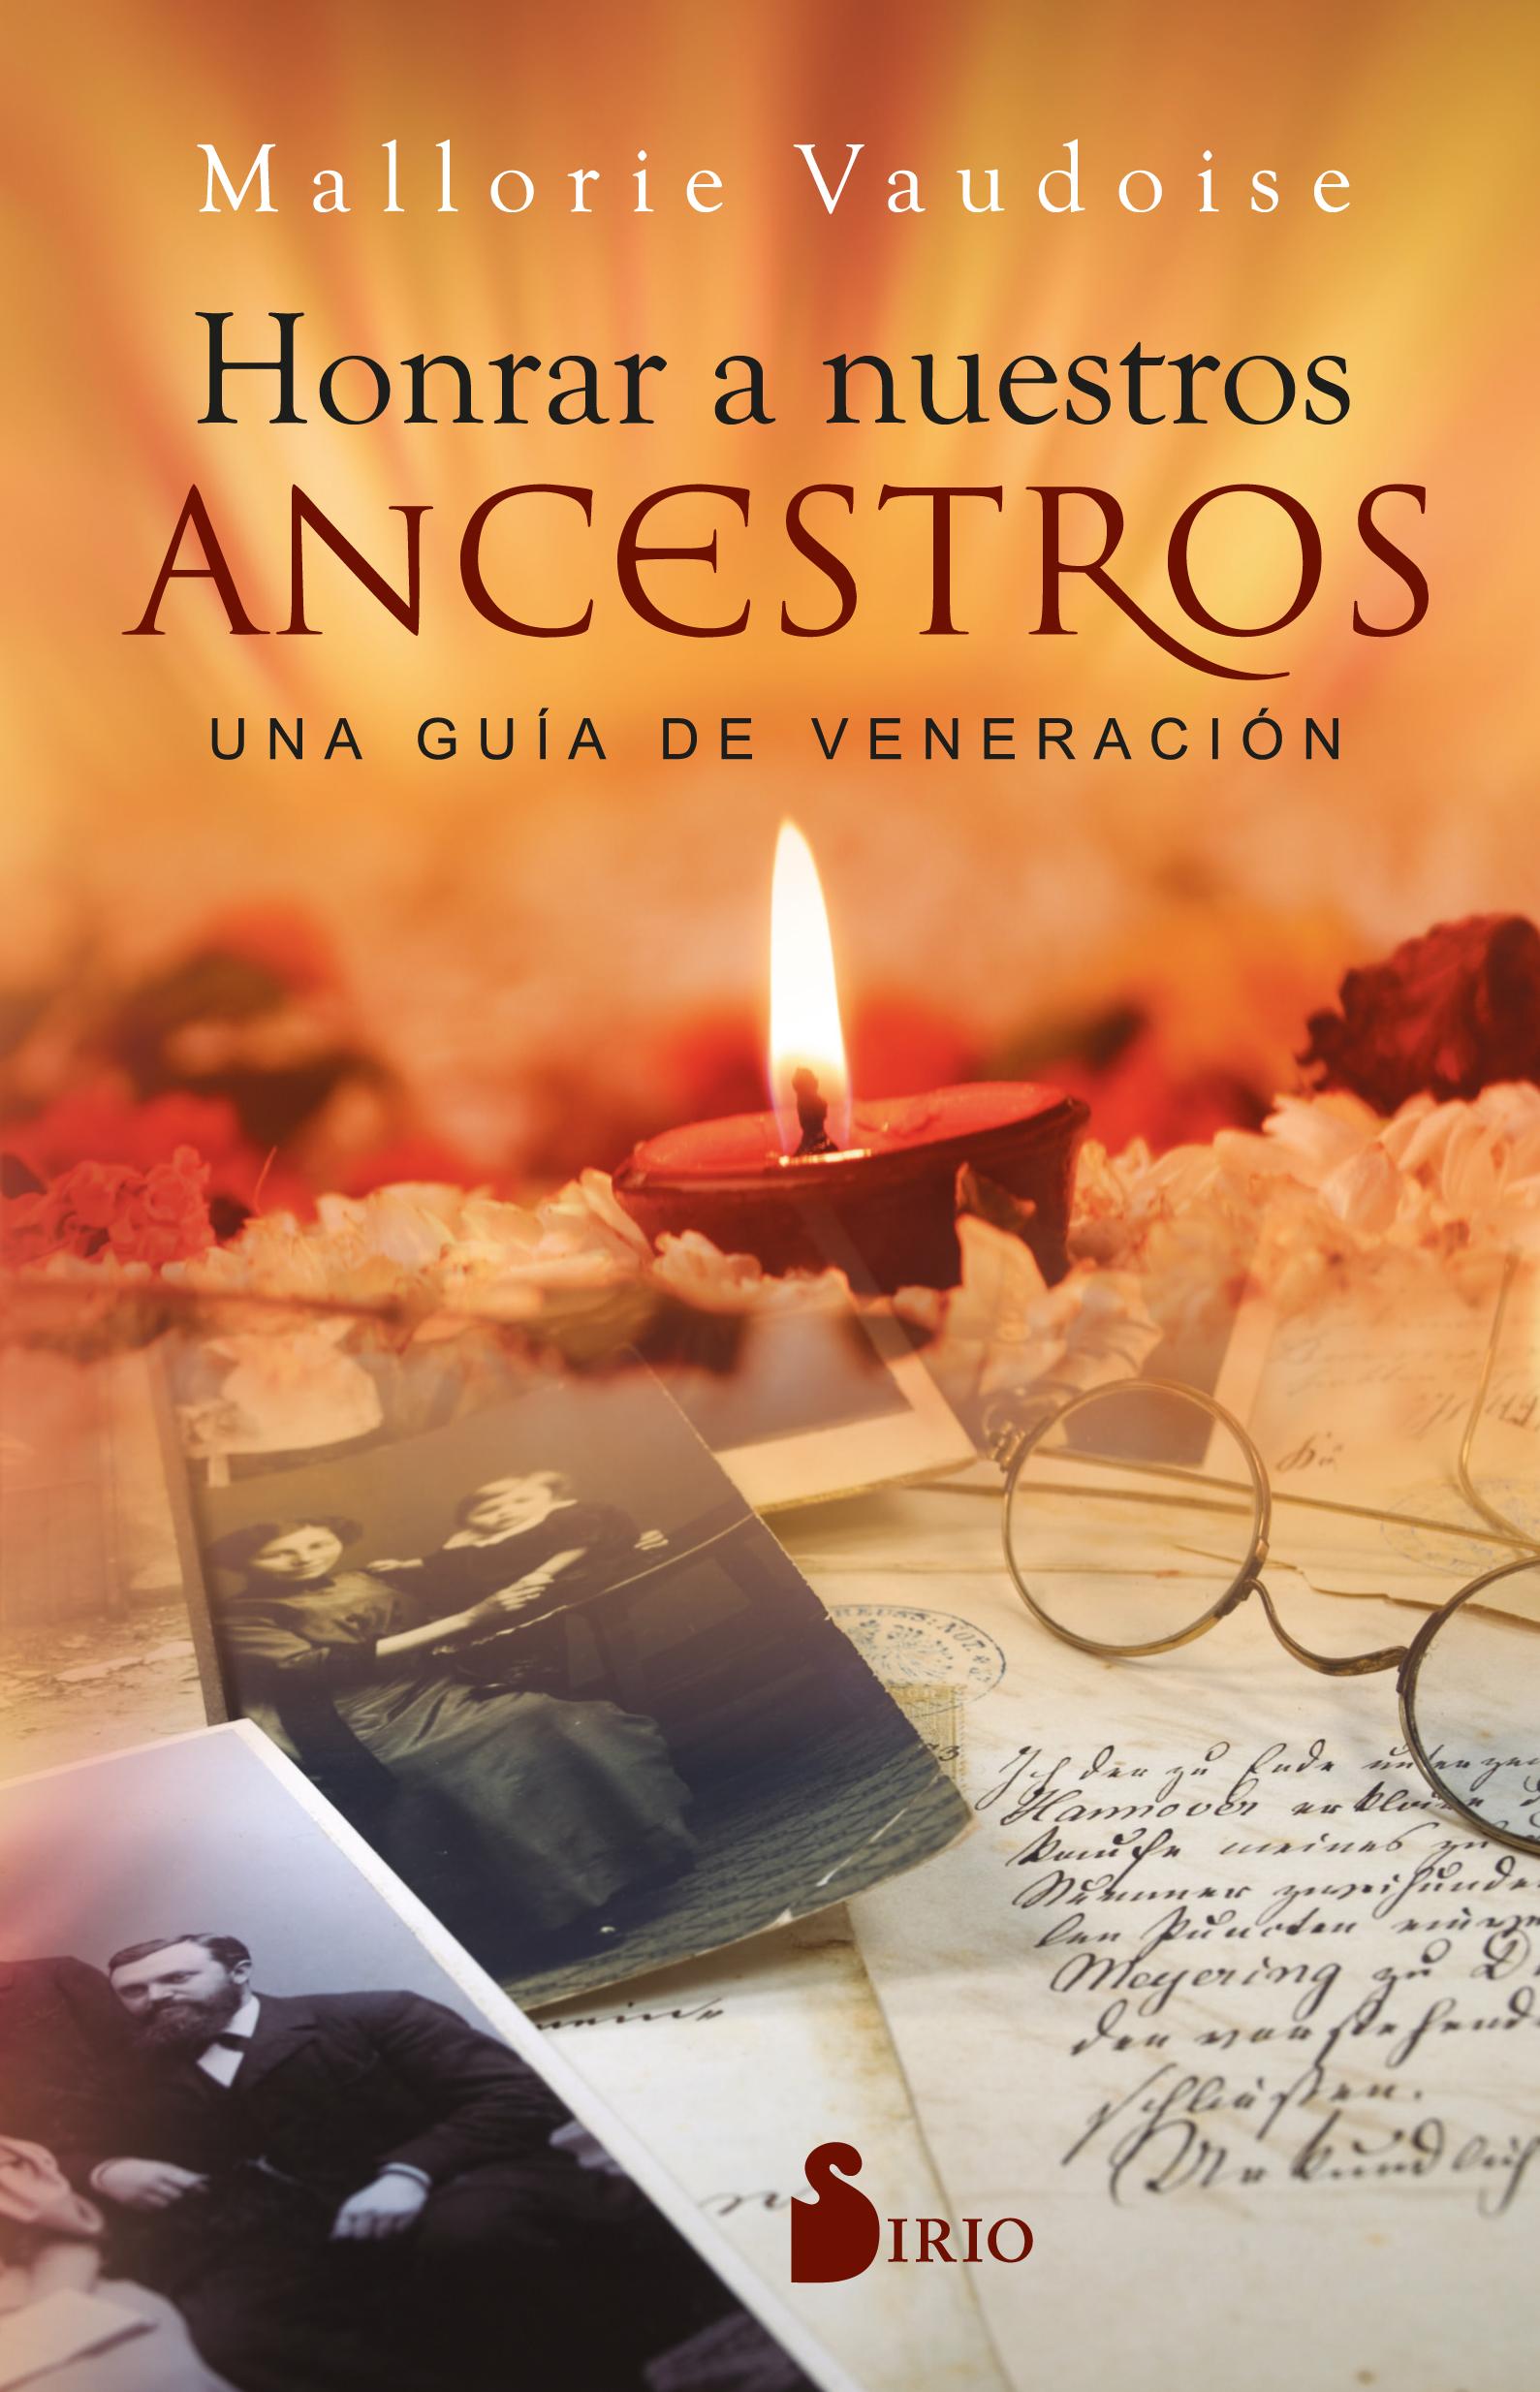 Honrar a nuestros ancestros